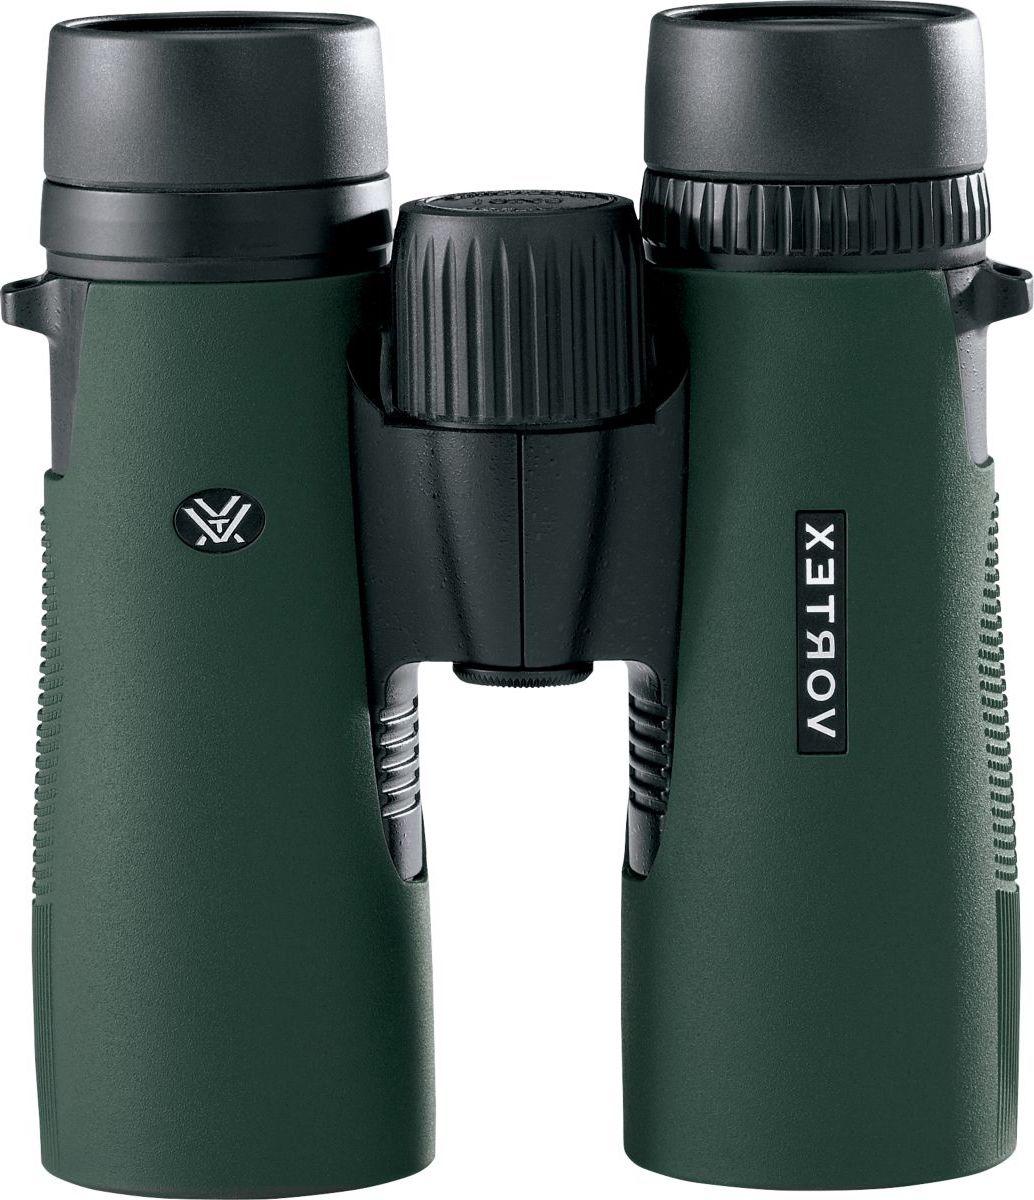 Vortex® Diamondback 8x32 Binoculars